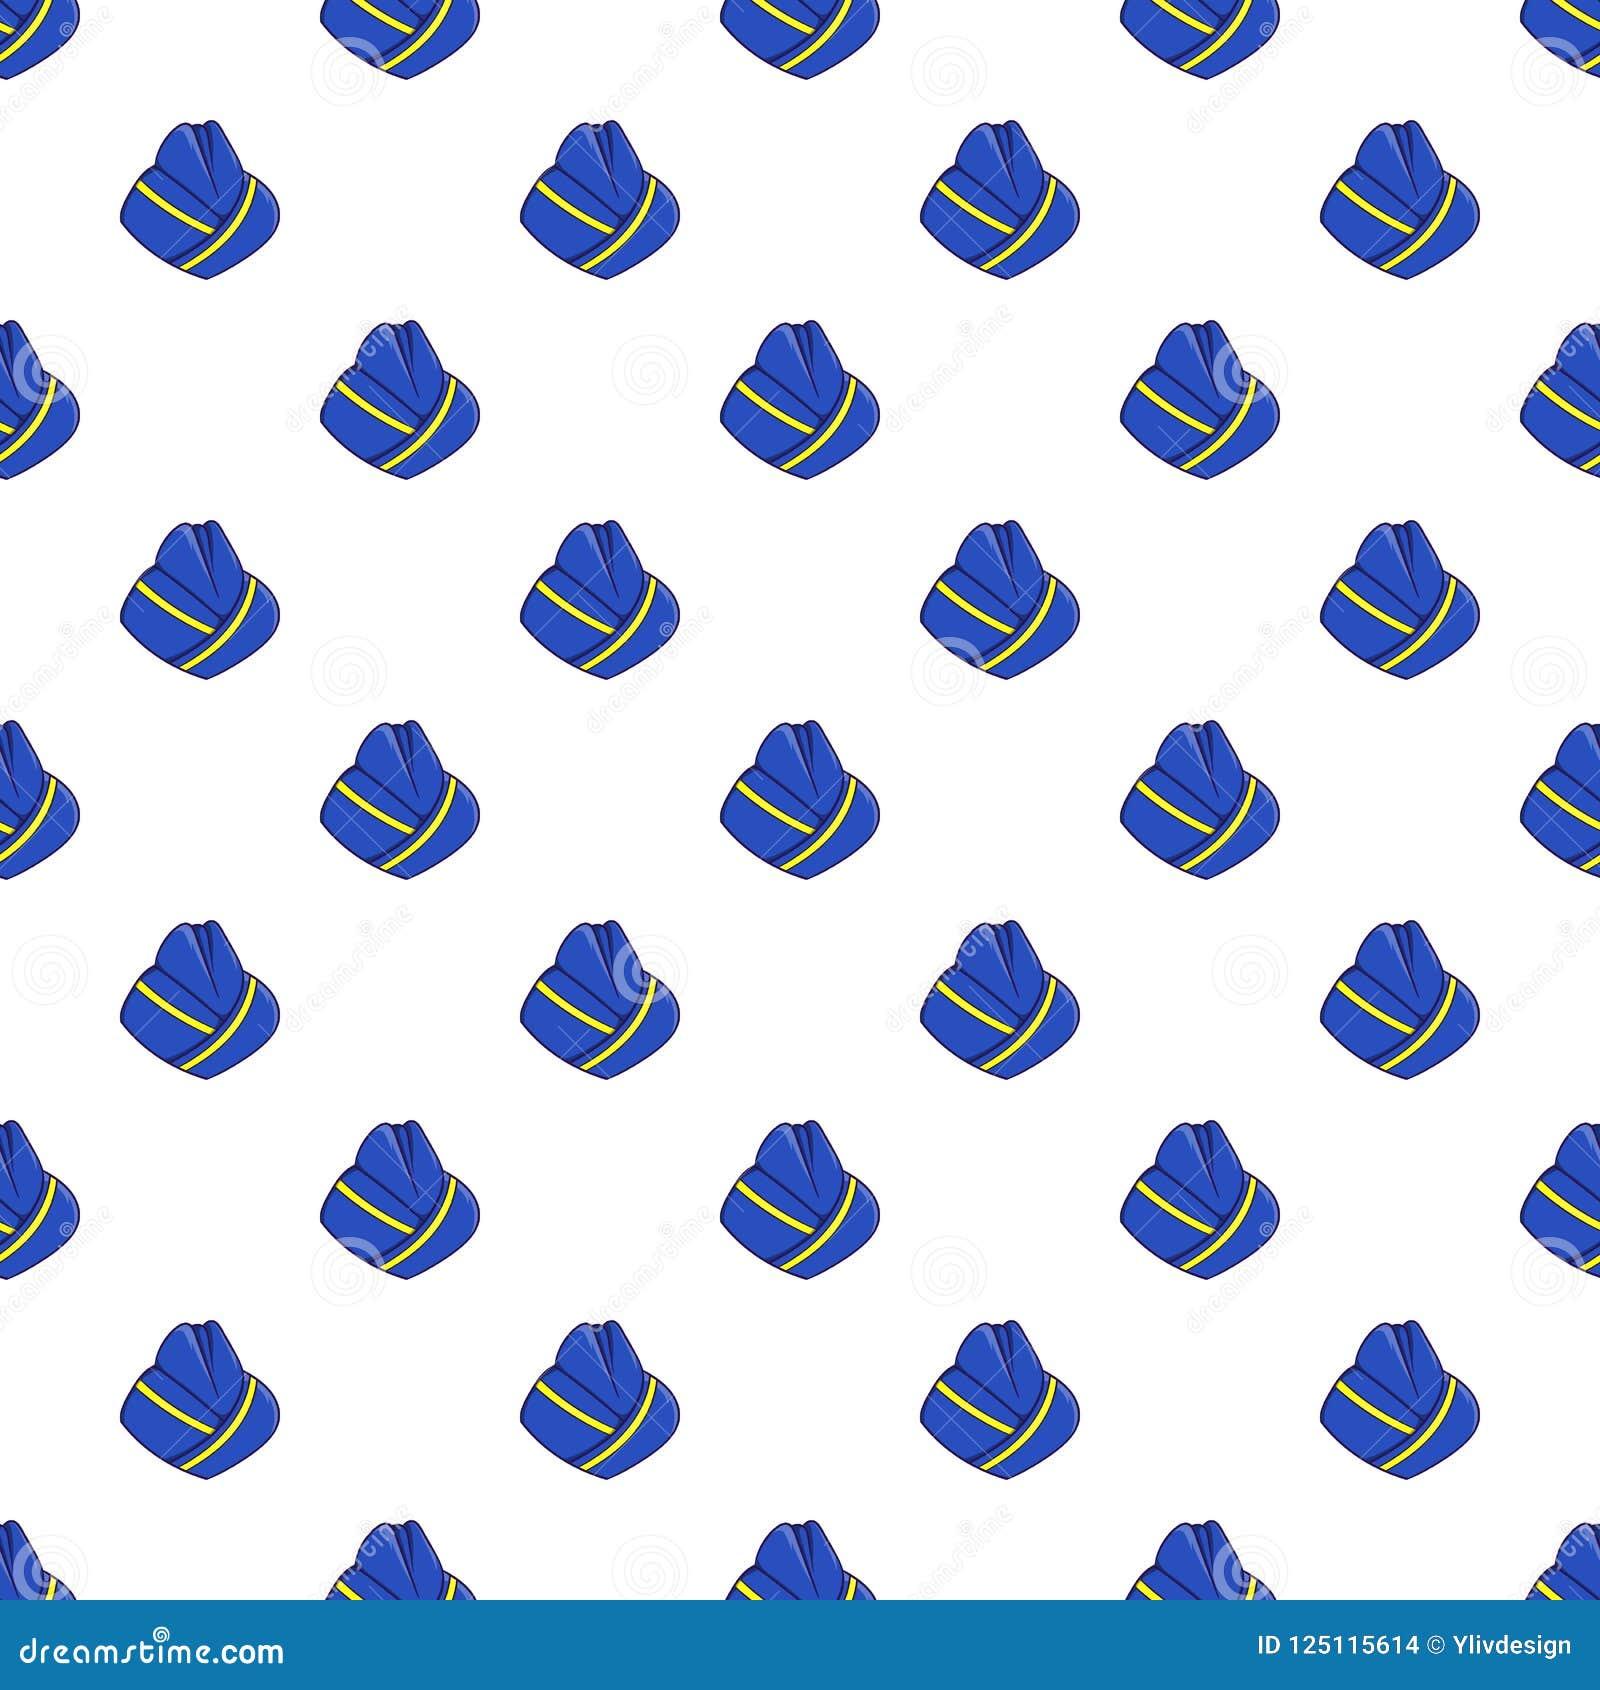 438ec896197 Hat Stewardess Pattern